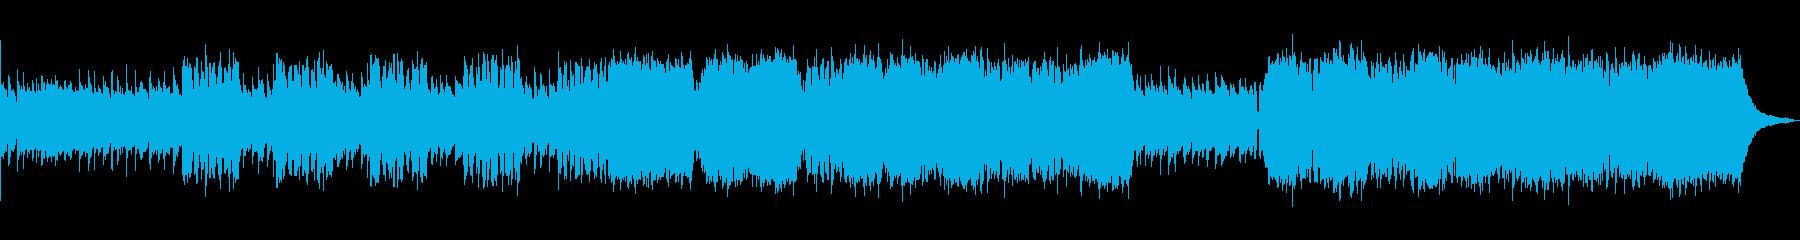 希望・疾走感・企業VP♪アコースティックの再生済みの波形